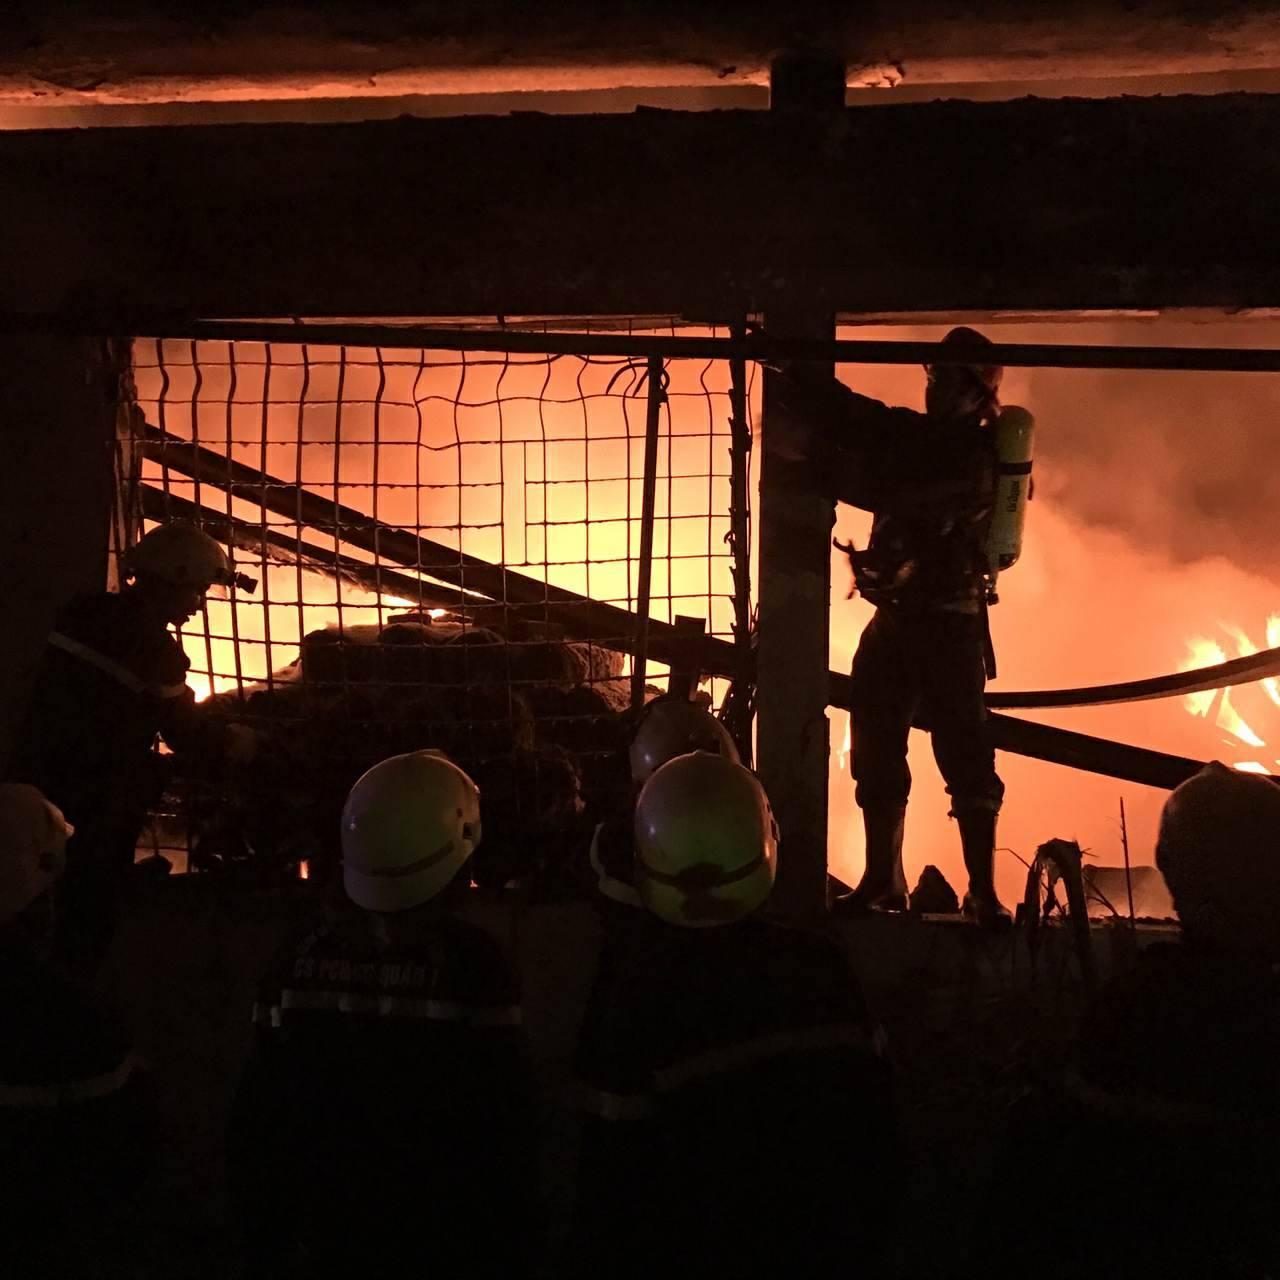 """Ảnh: Cả trăm cảnh sát vật lộn với """"giặc lửa"""" tại KCN Tân Bình - 6"""